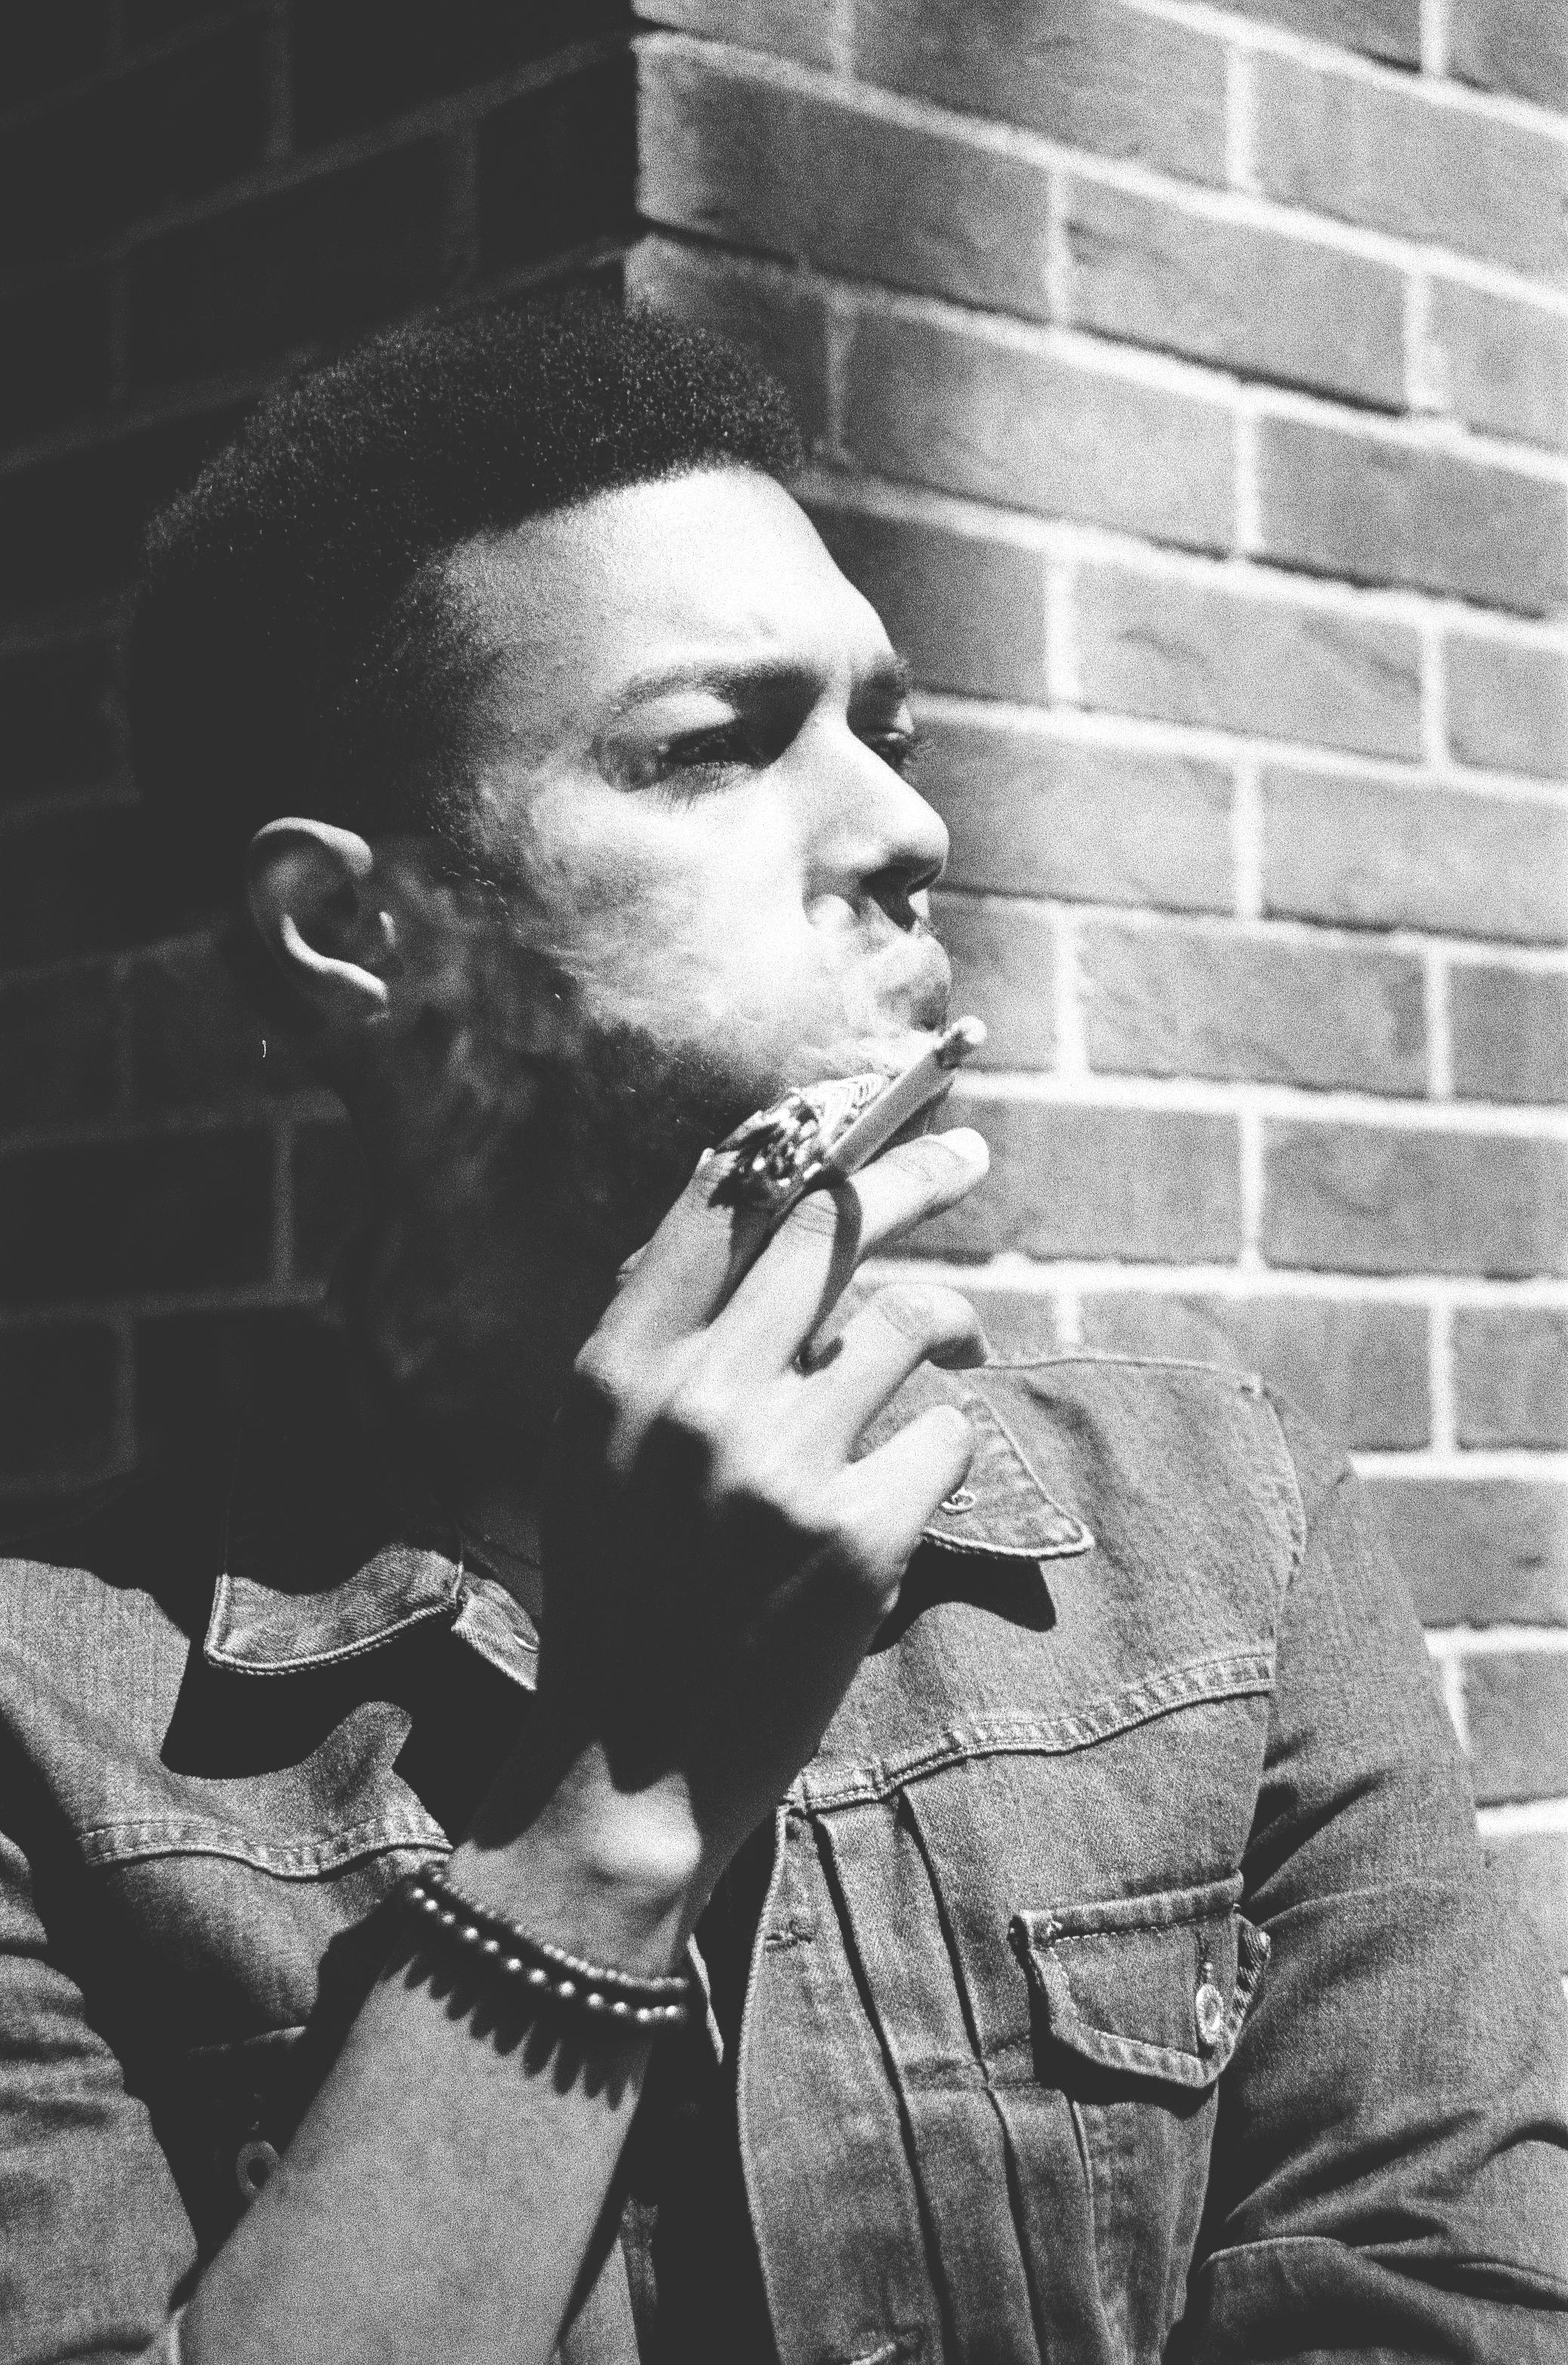 Smoker_35_01.jpg